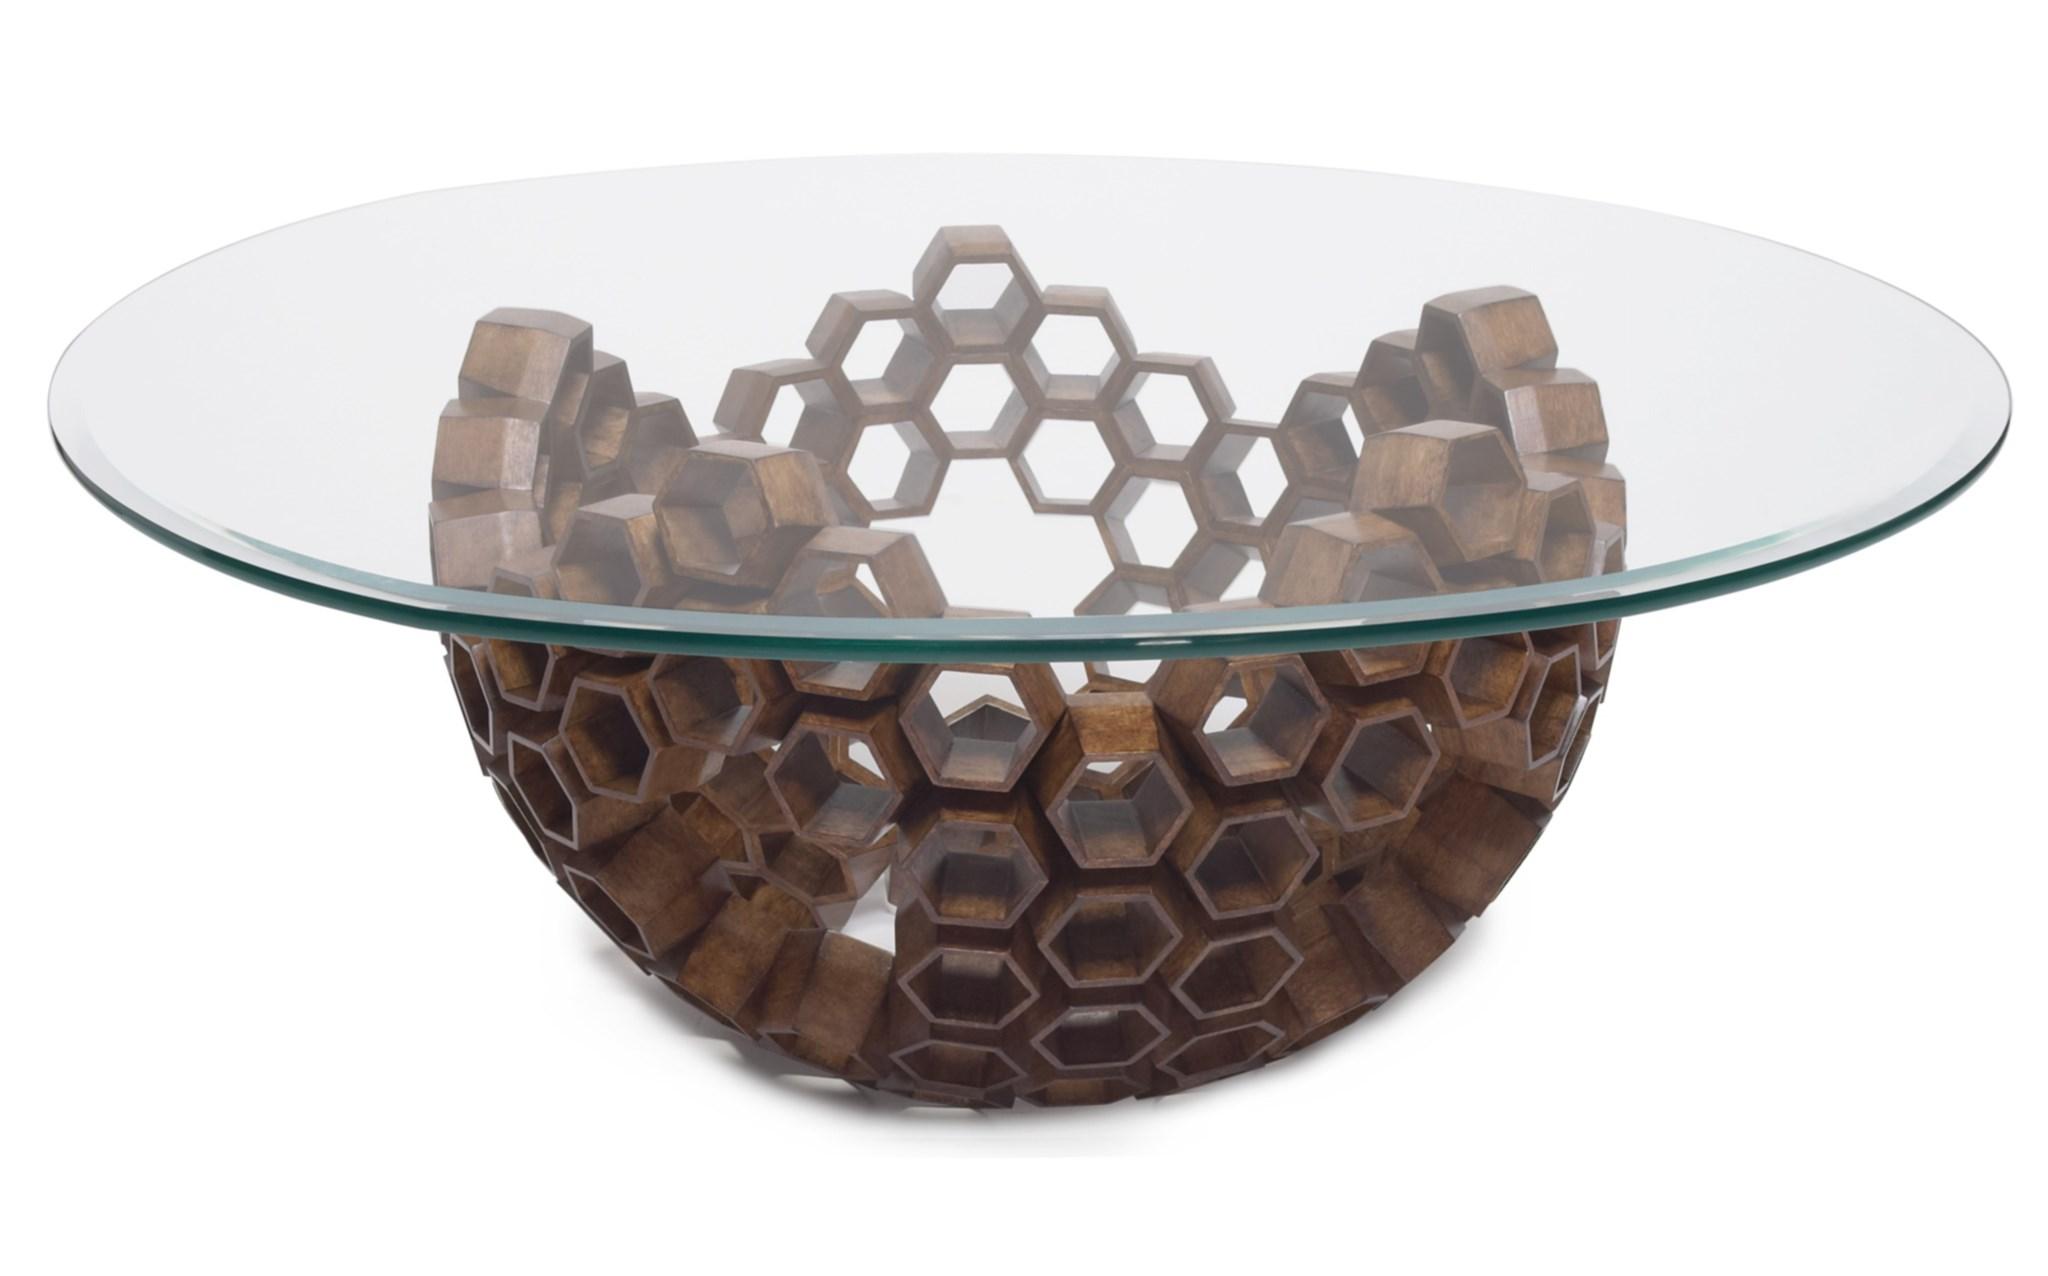 Oggetti Constella coktail table